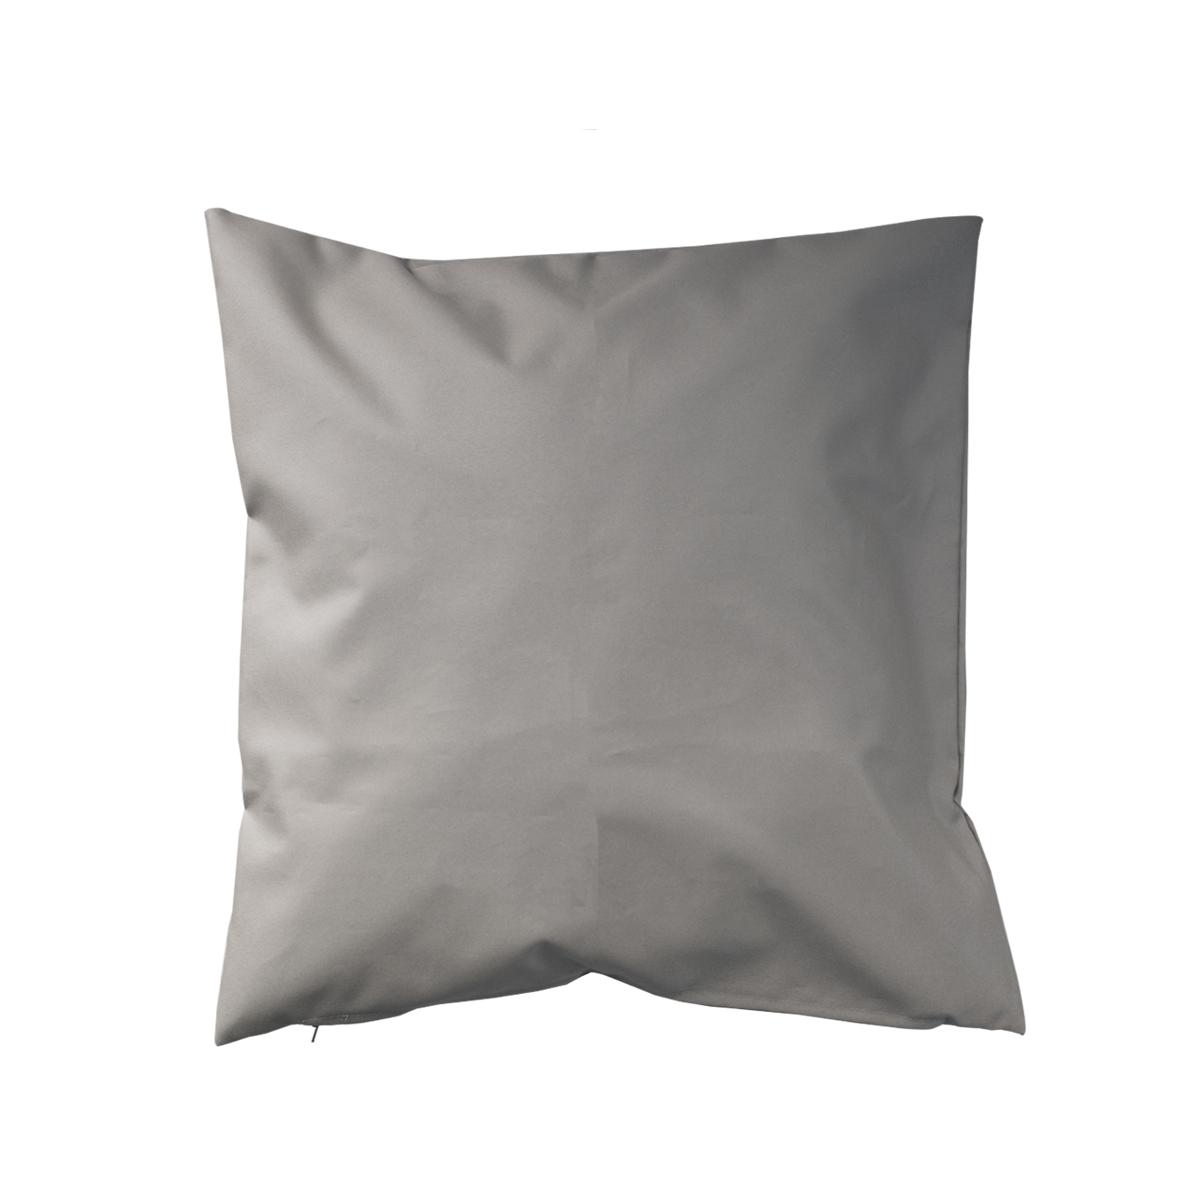 Housse de coussin d'extérieur en tissu outdoor - Lin - 45 x 45cm